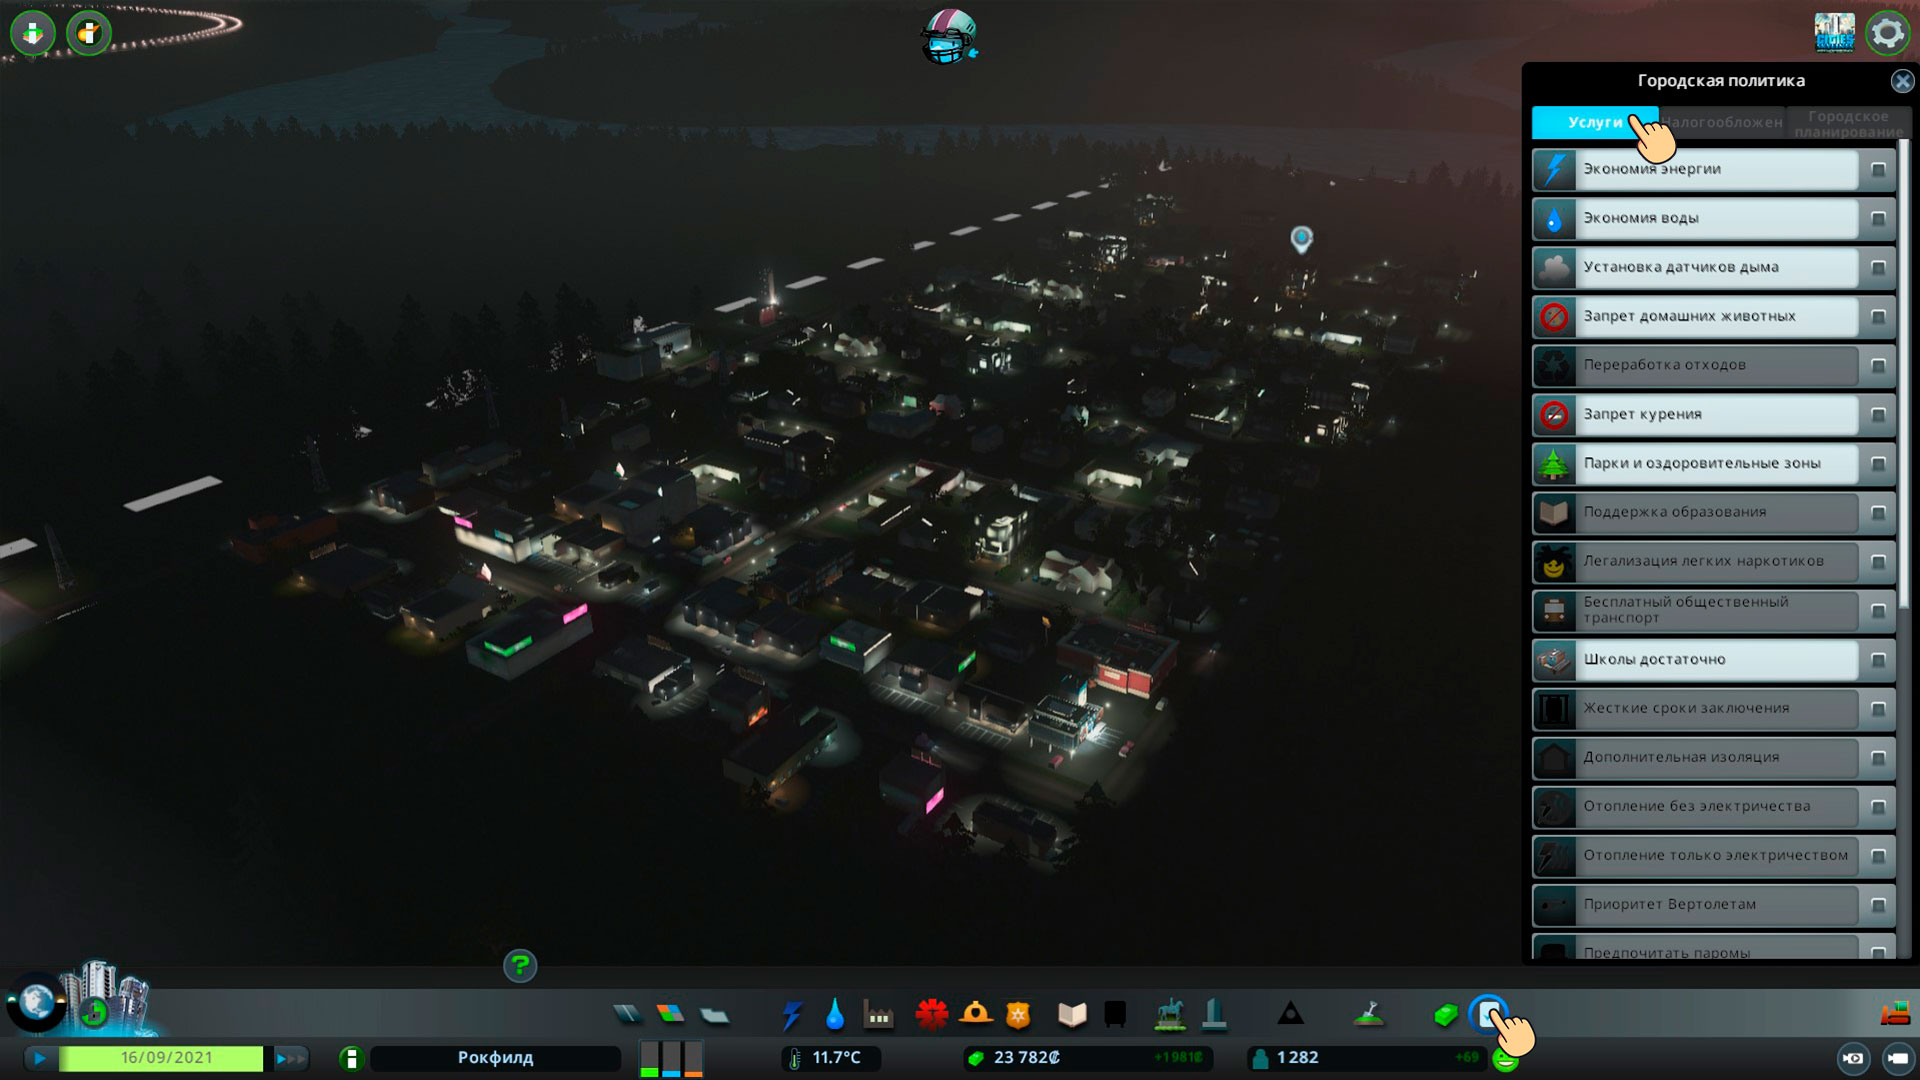 городские политики cities skyline